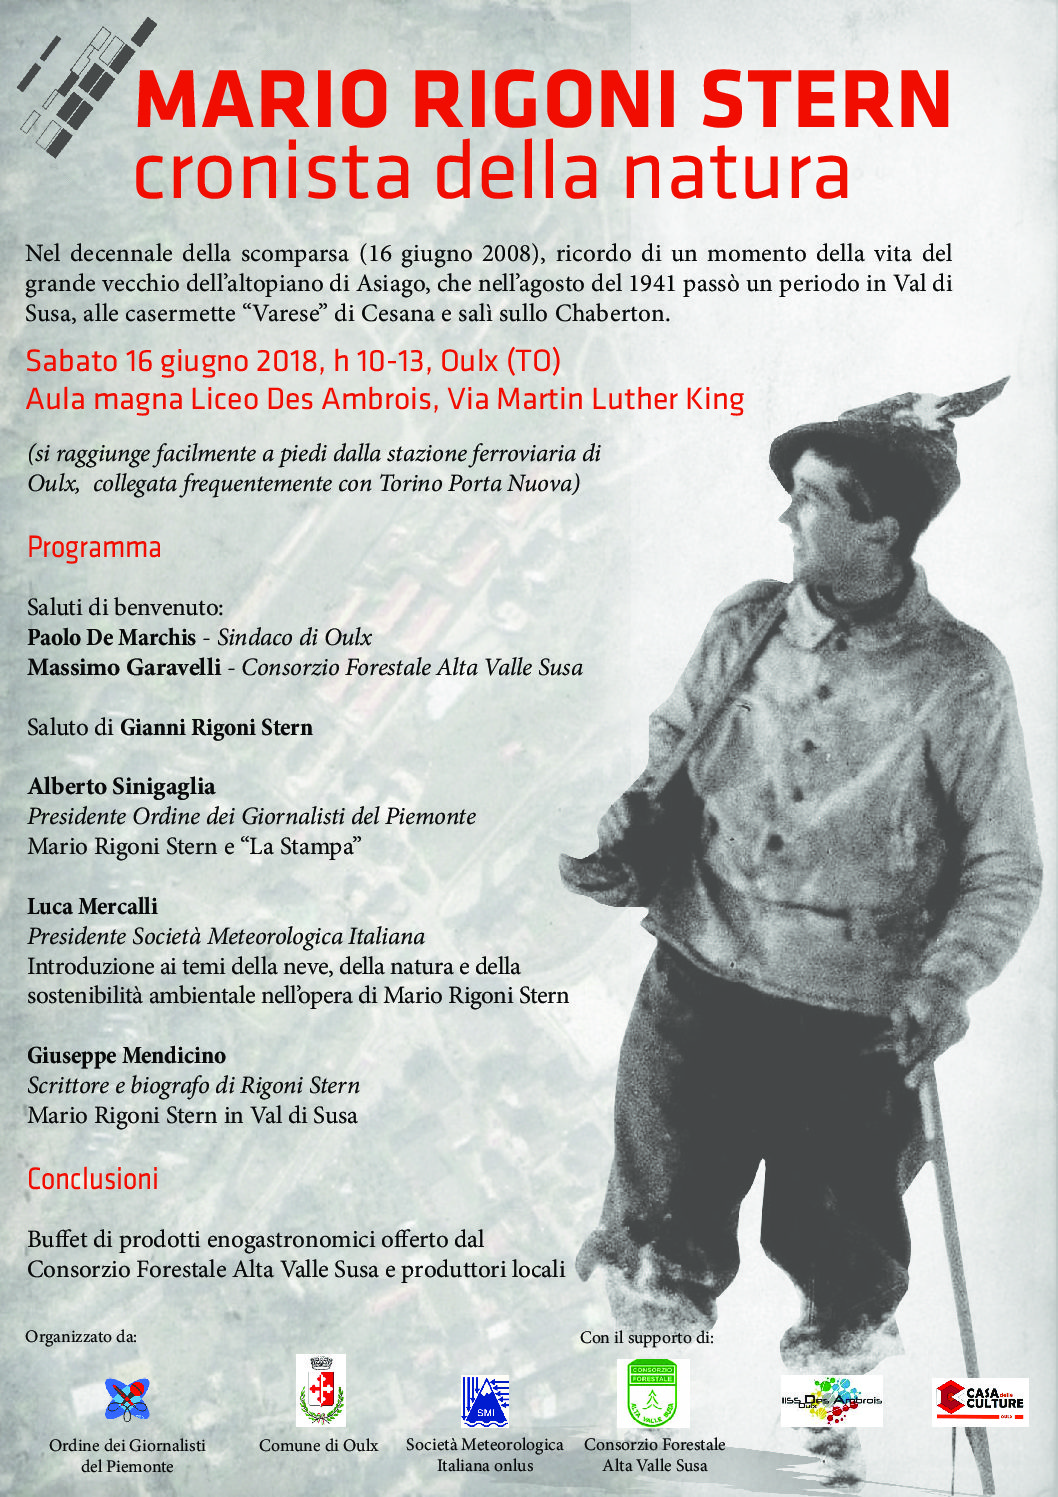 Ricordi di Mario Rigoni Stern nell'auditorium dell' I.I.S.S Des Ambrois